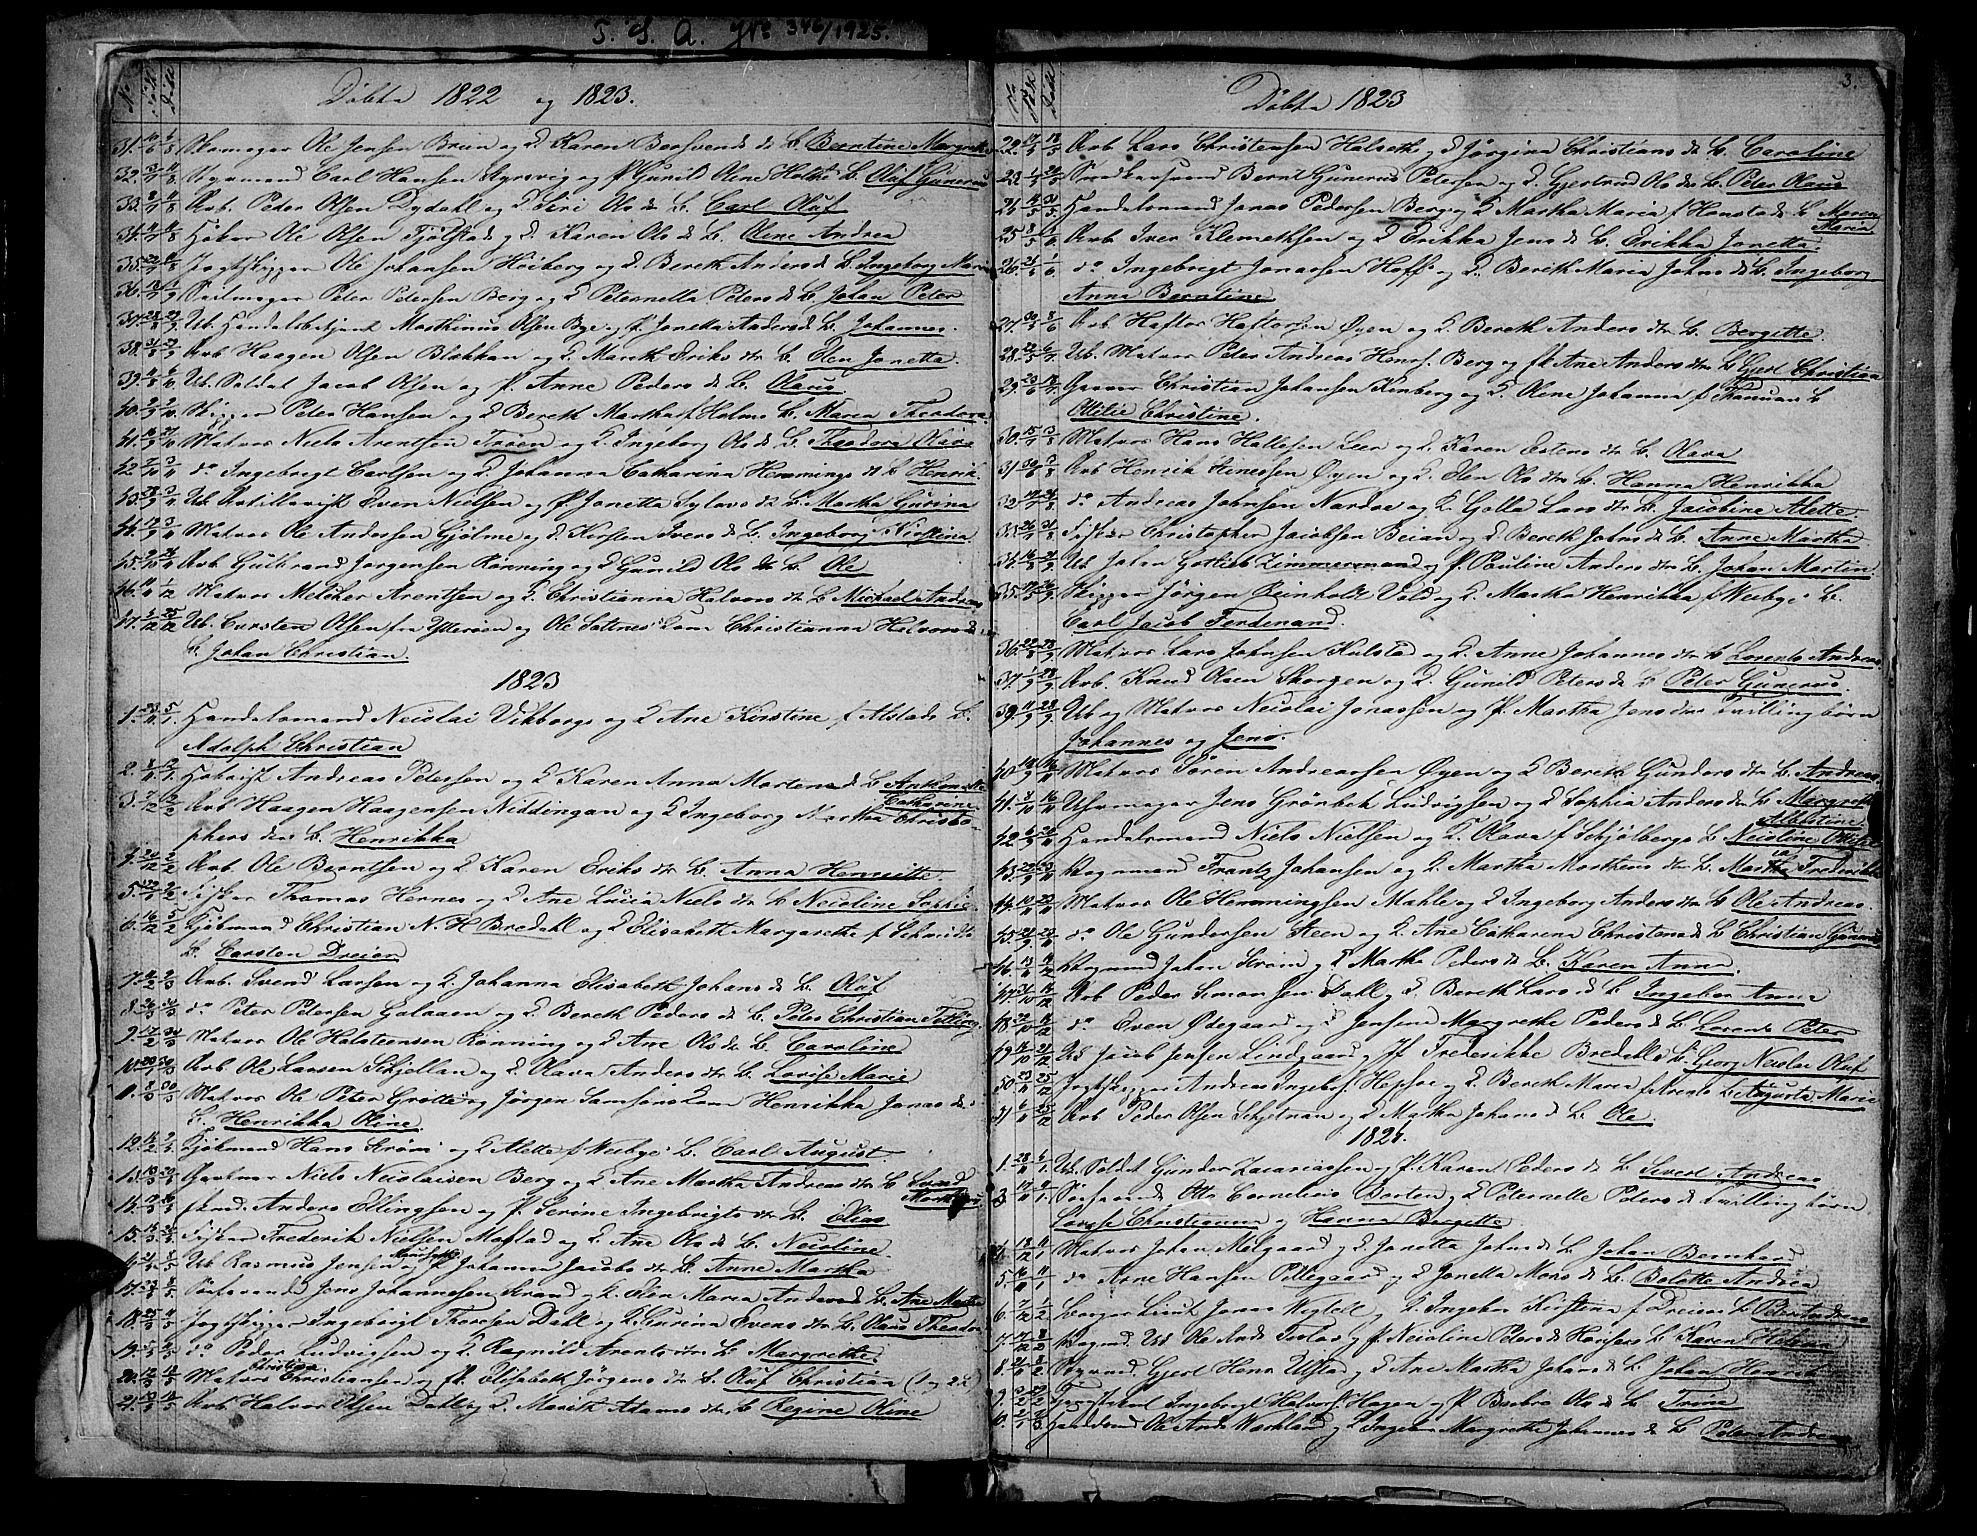 SAT, Ministerialprotokoller, klokkerbøker og fødselsregistre - Sør-Trøndelag, 604/L0182: Ministerialbok nr. 604A03, 1818-1850, s. 3